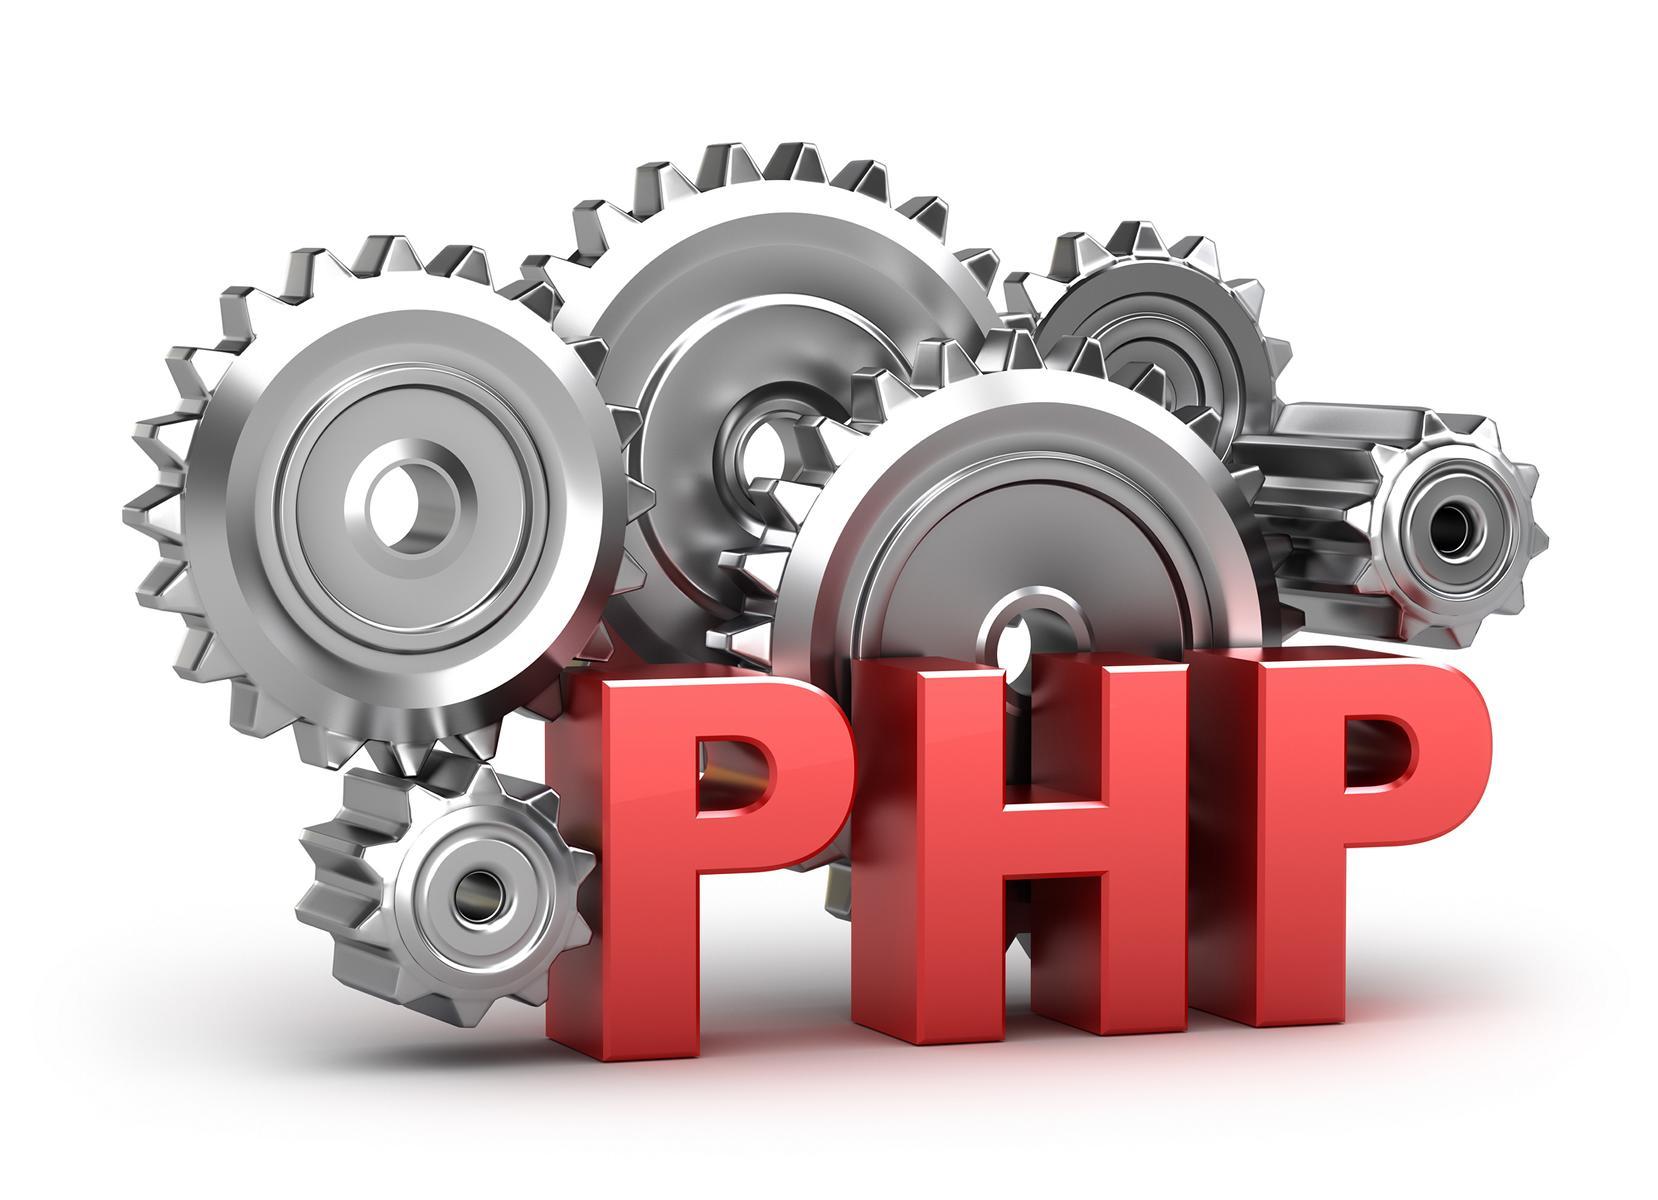 Neue php Versionen müssen  her!